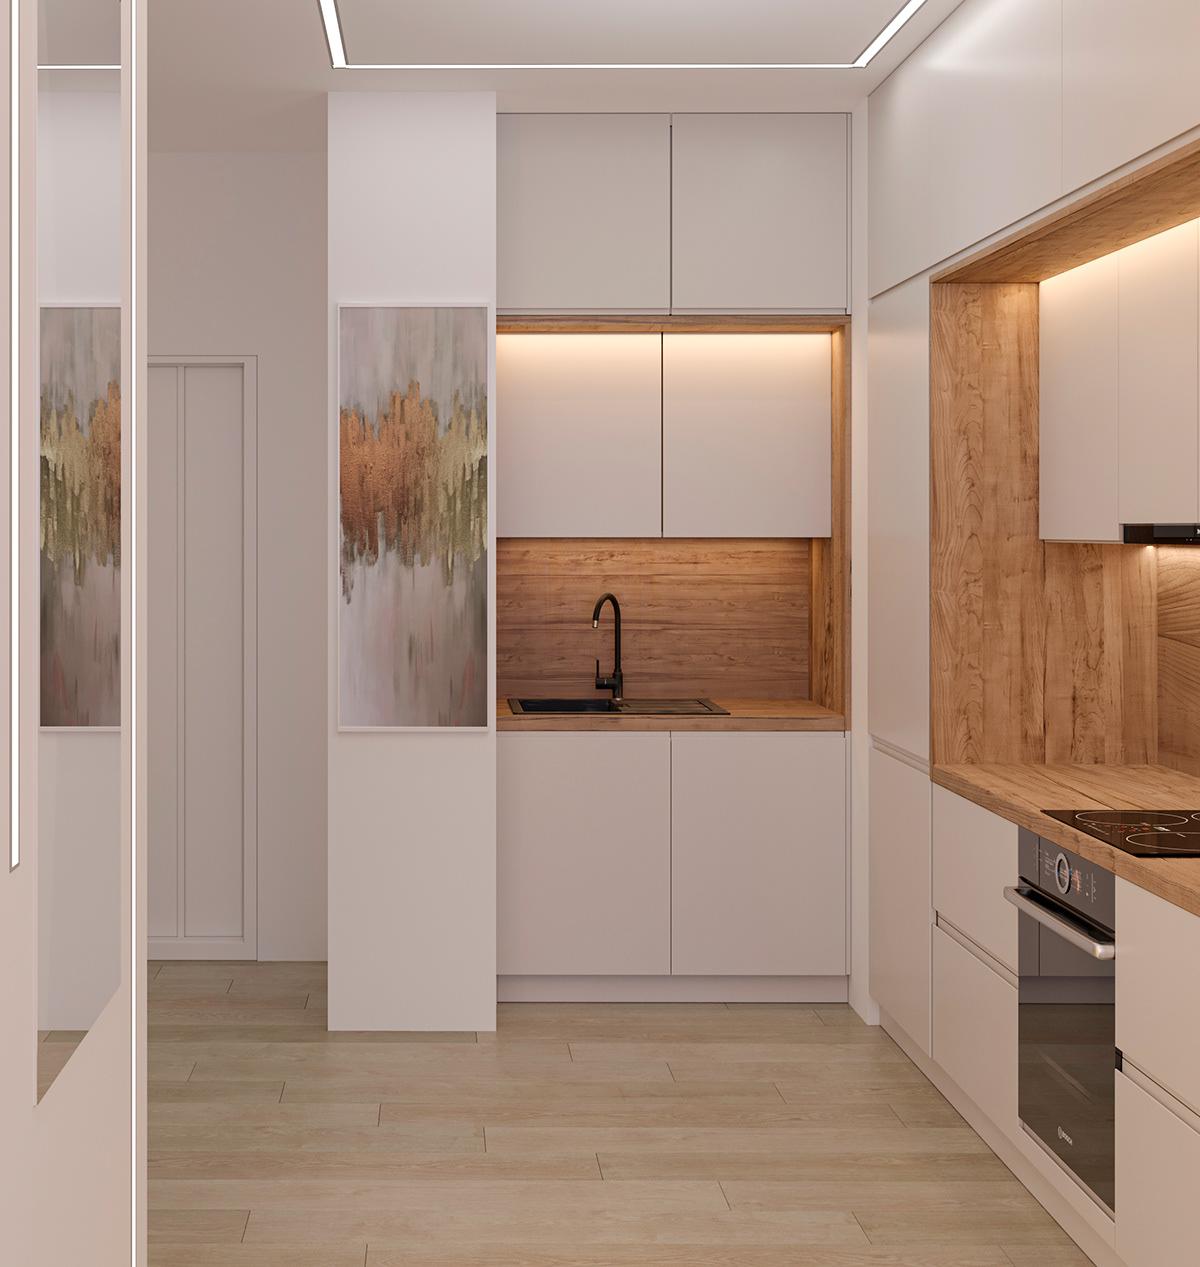 DesignKitchen kitchen дизайнкухни кухня